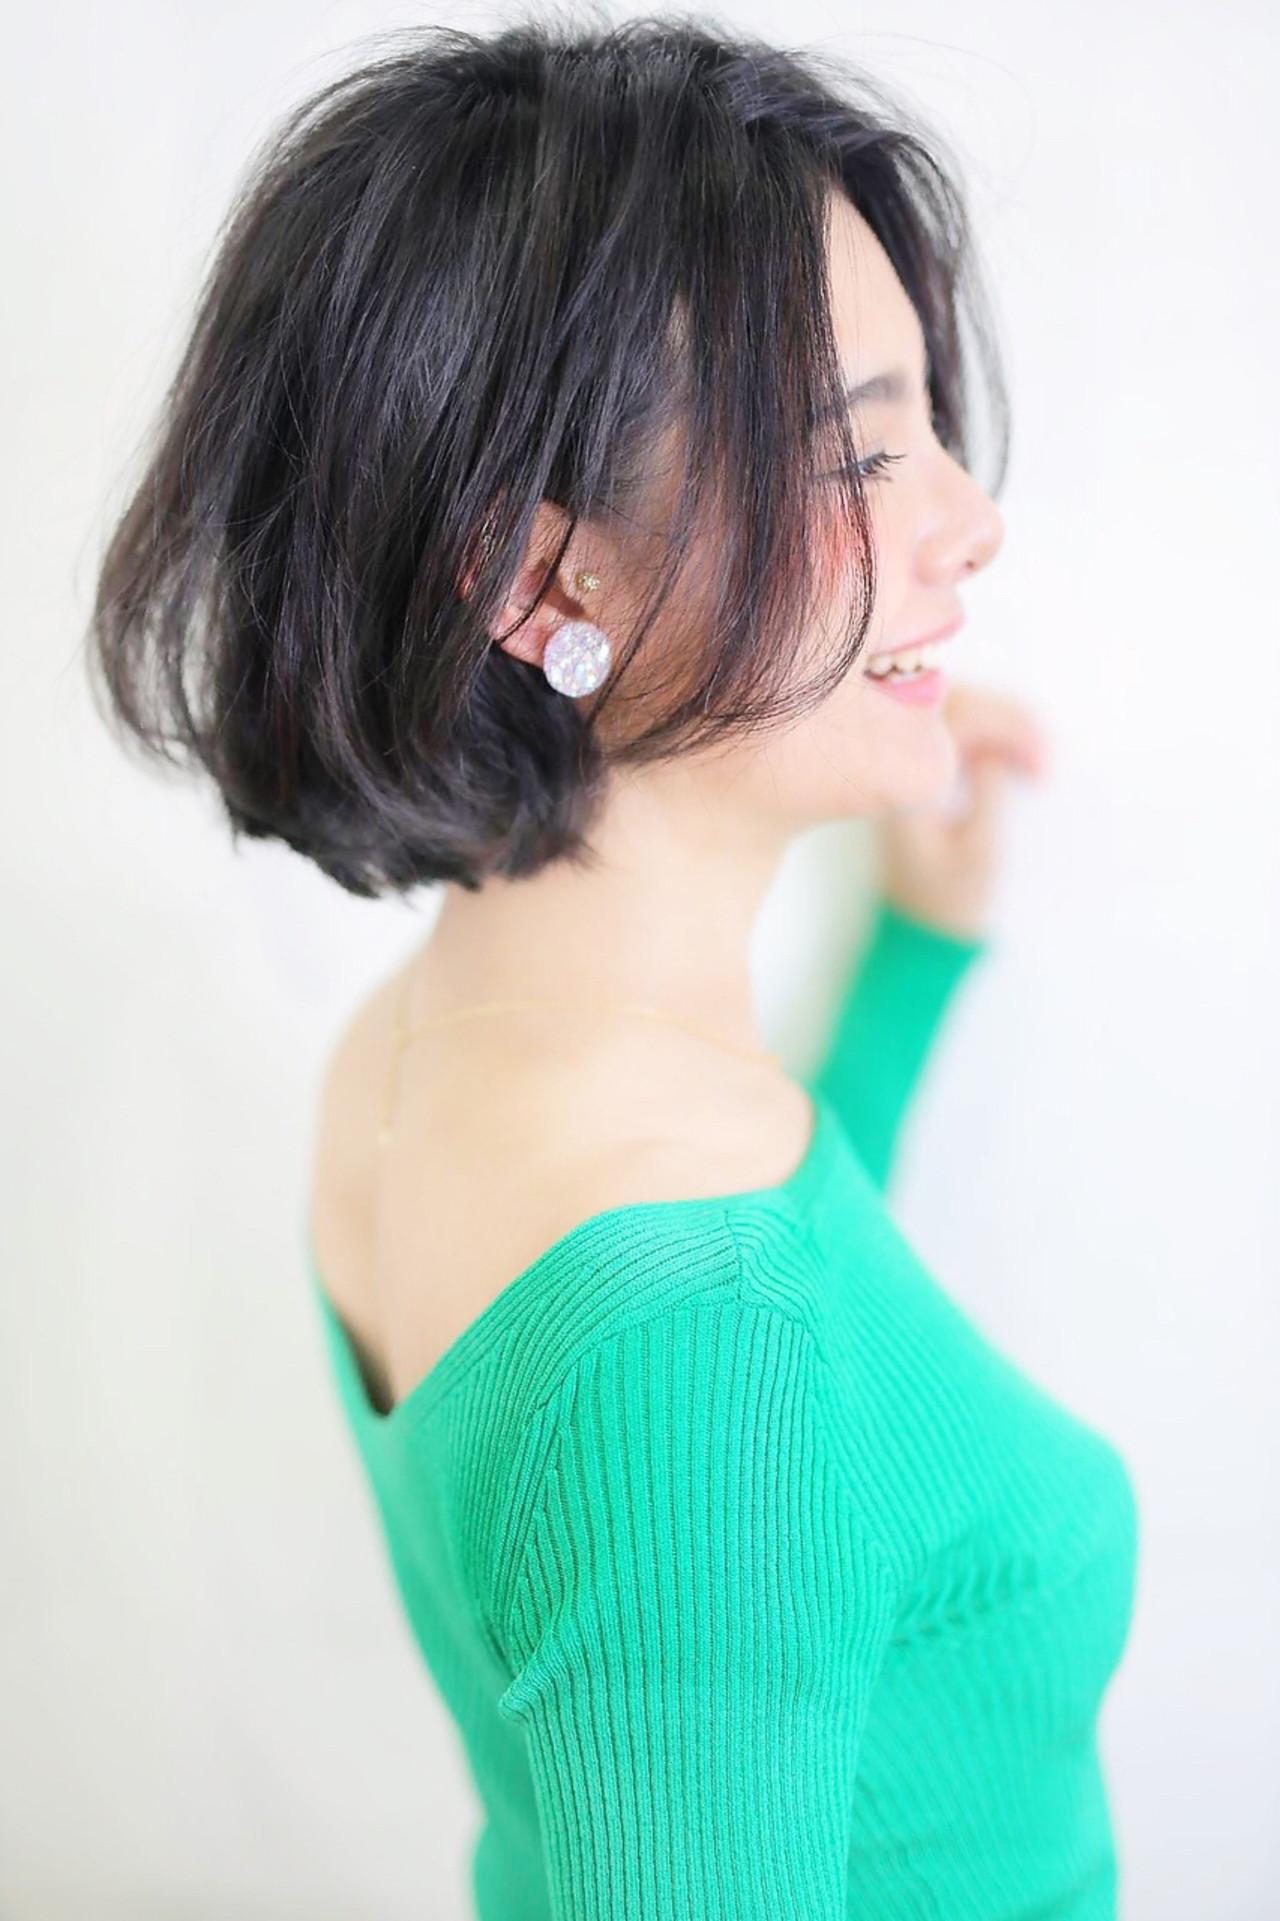 黒髪 フェミニン エフォートレス ボブ ヘアスタイルや髪型の写真・画像